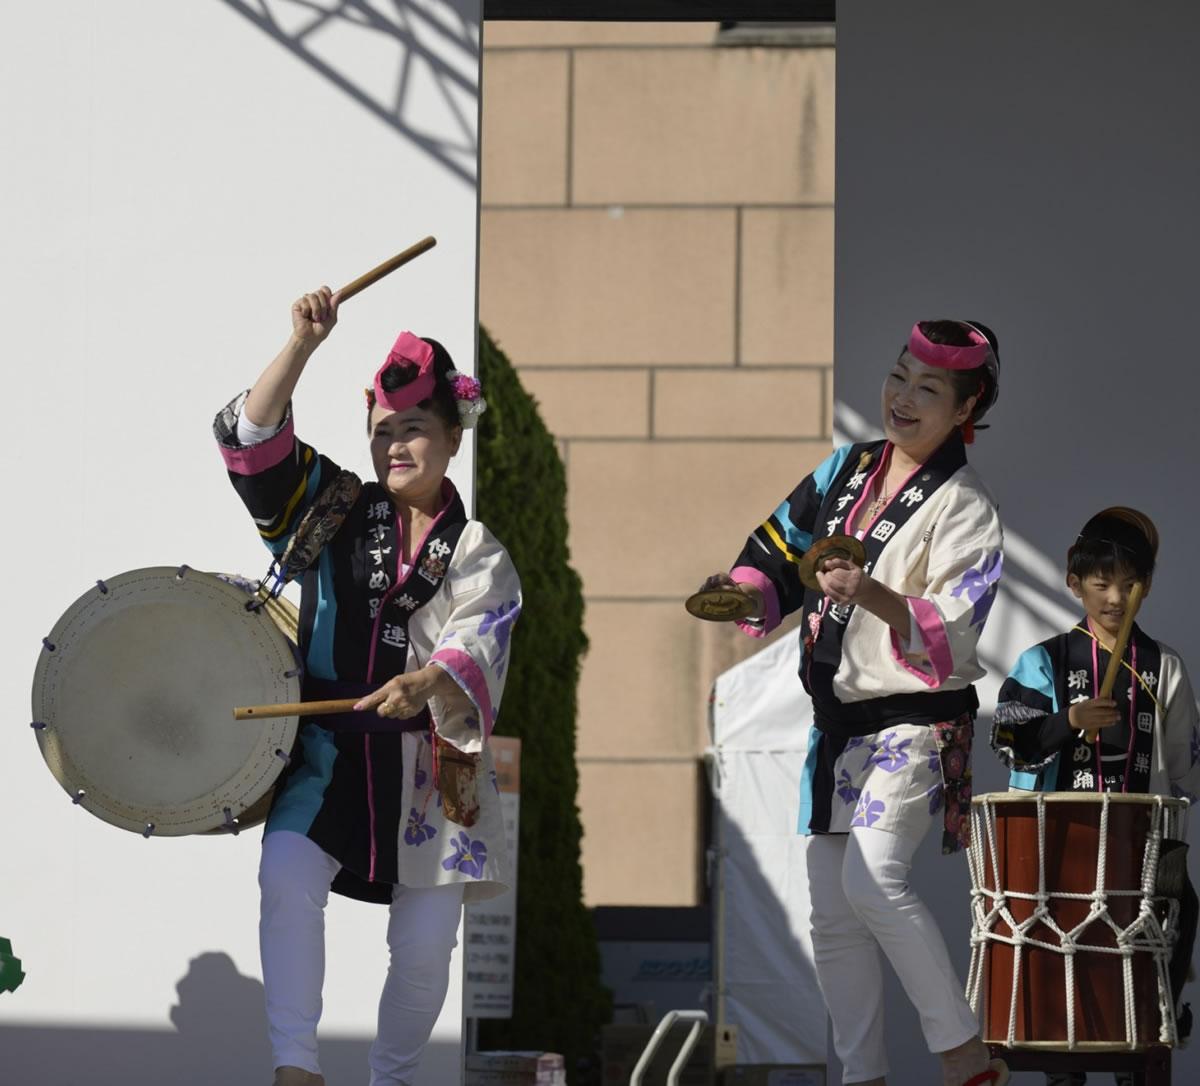 OSEAL2019 ハノーバー庭園にてすずめ踊り演舞14